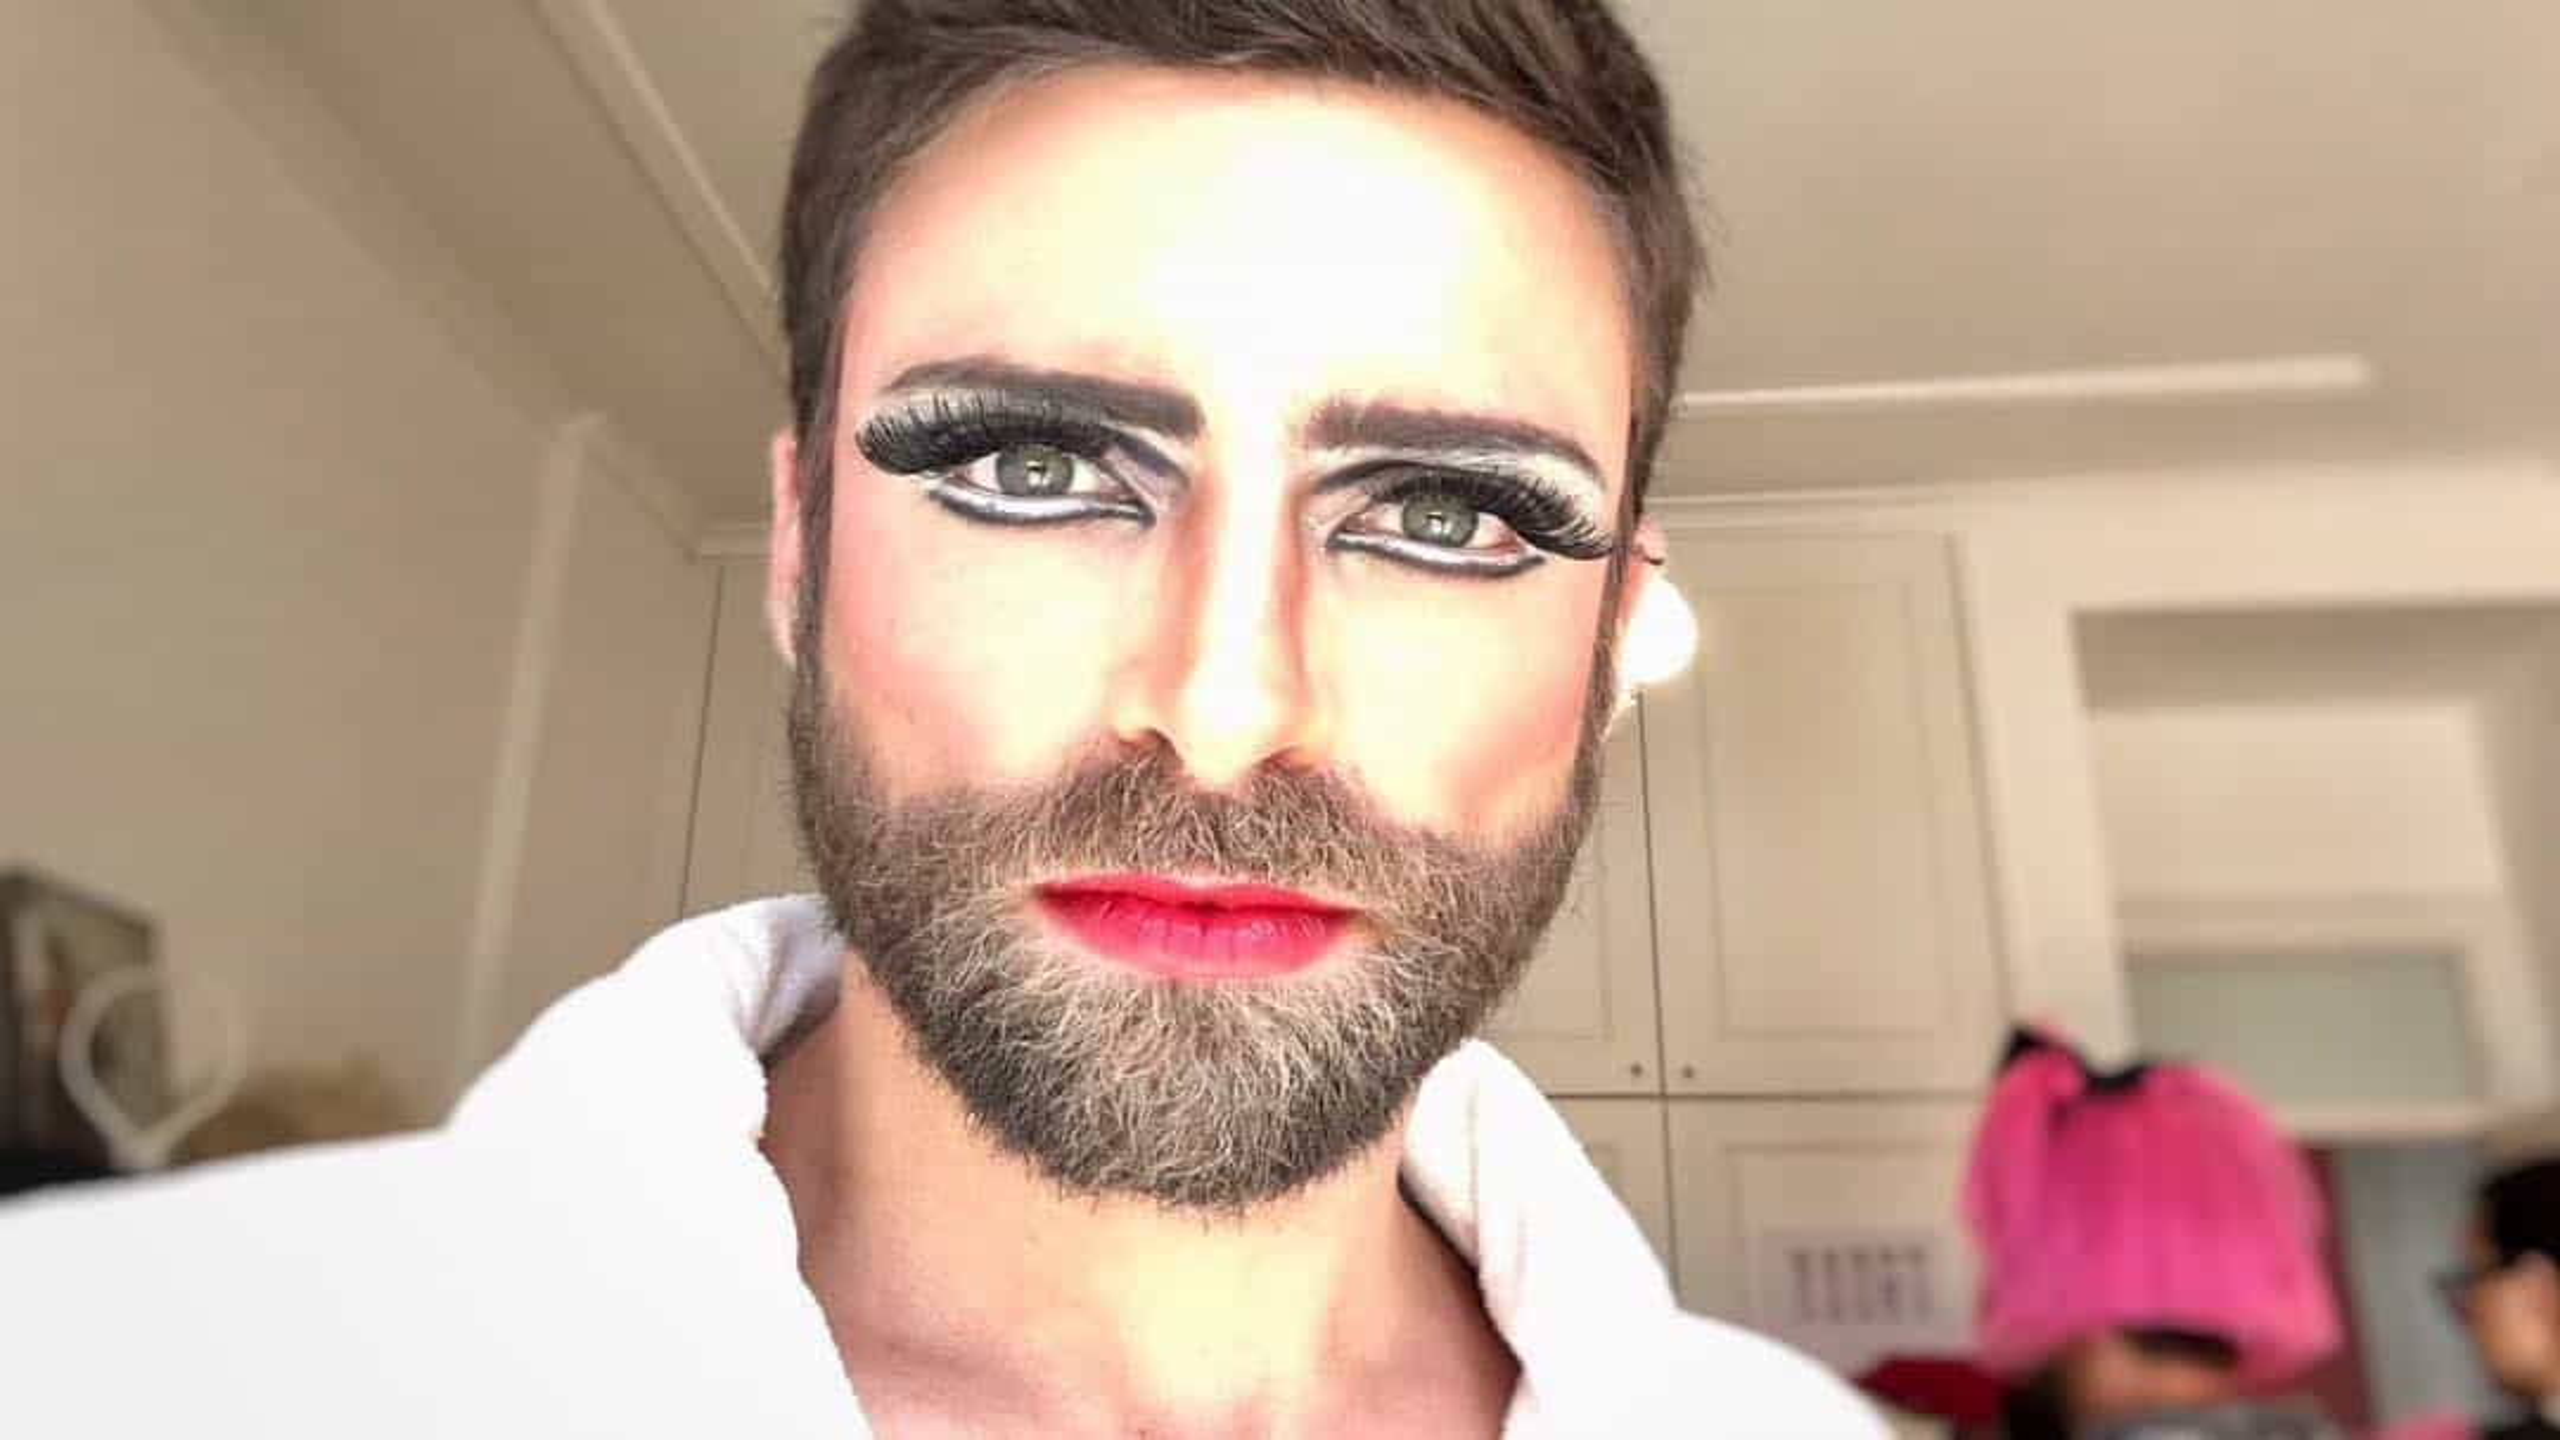 Diogo Amaral de lábios e olhos pintados para assinalar Dia da Mulher